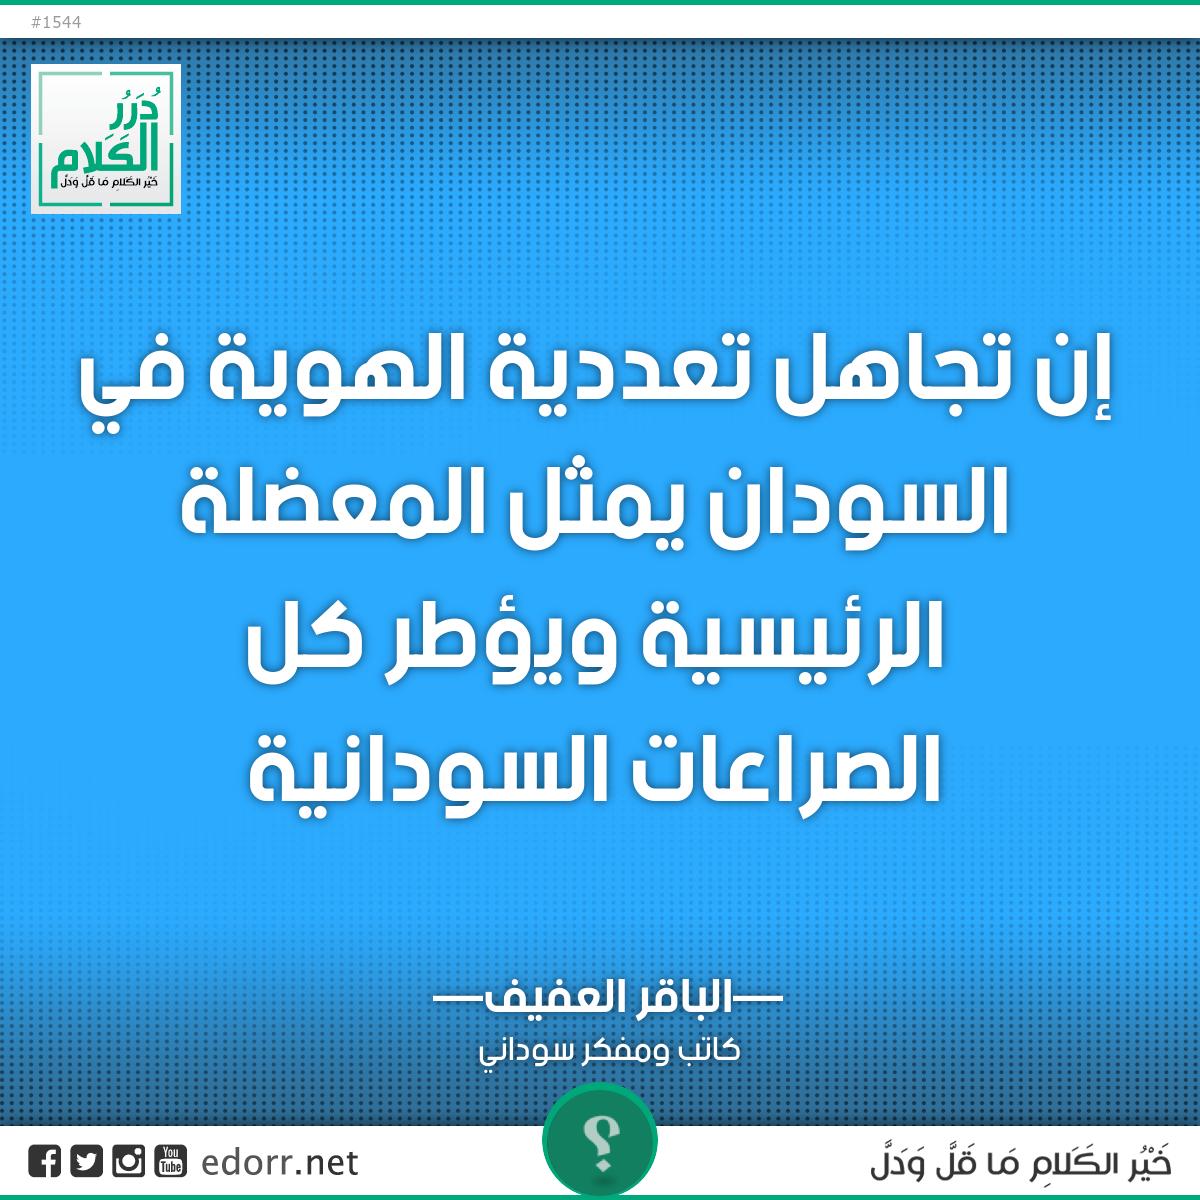 إن تجاهل تعددية الهوية في السودان يمثل المعضلة الرئيسية ويؤطر كل الصراعات السودانية.